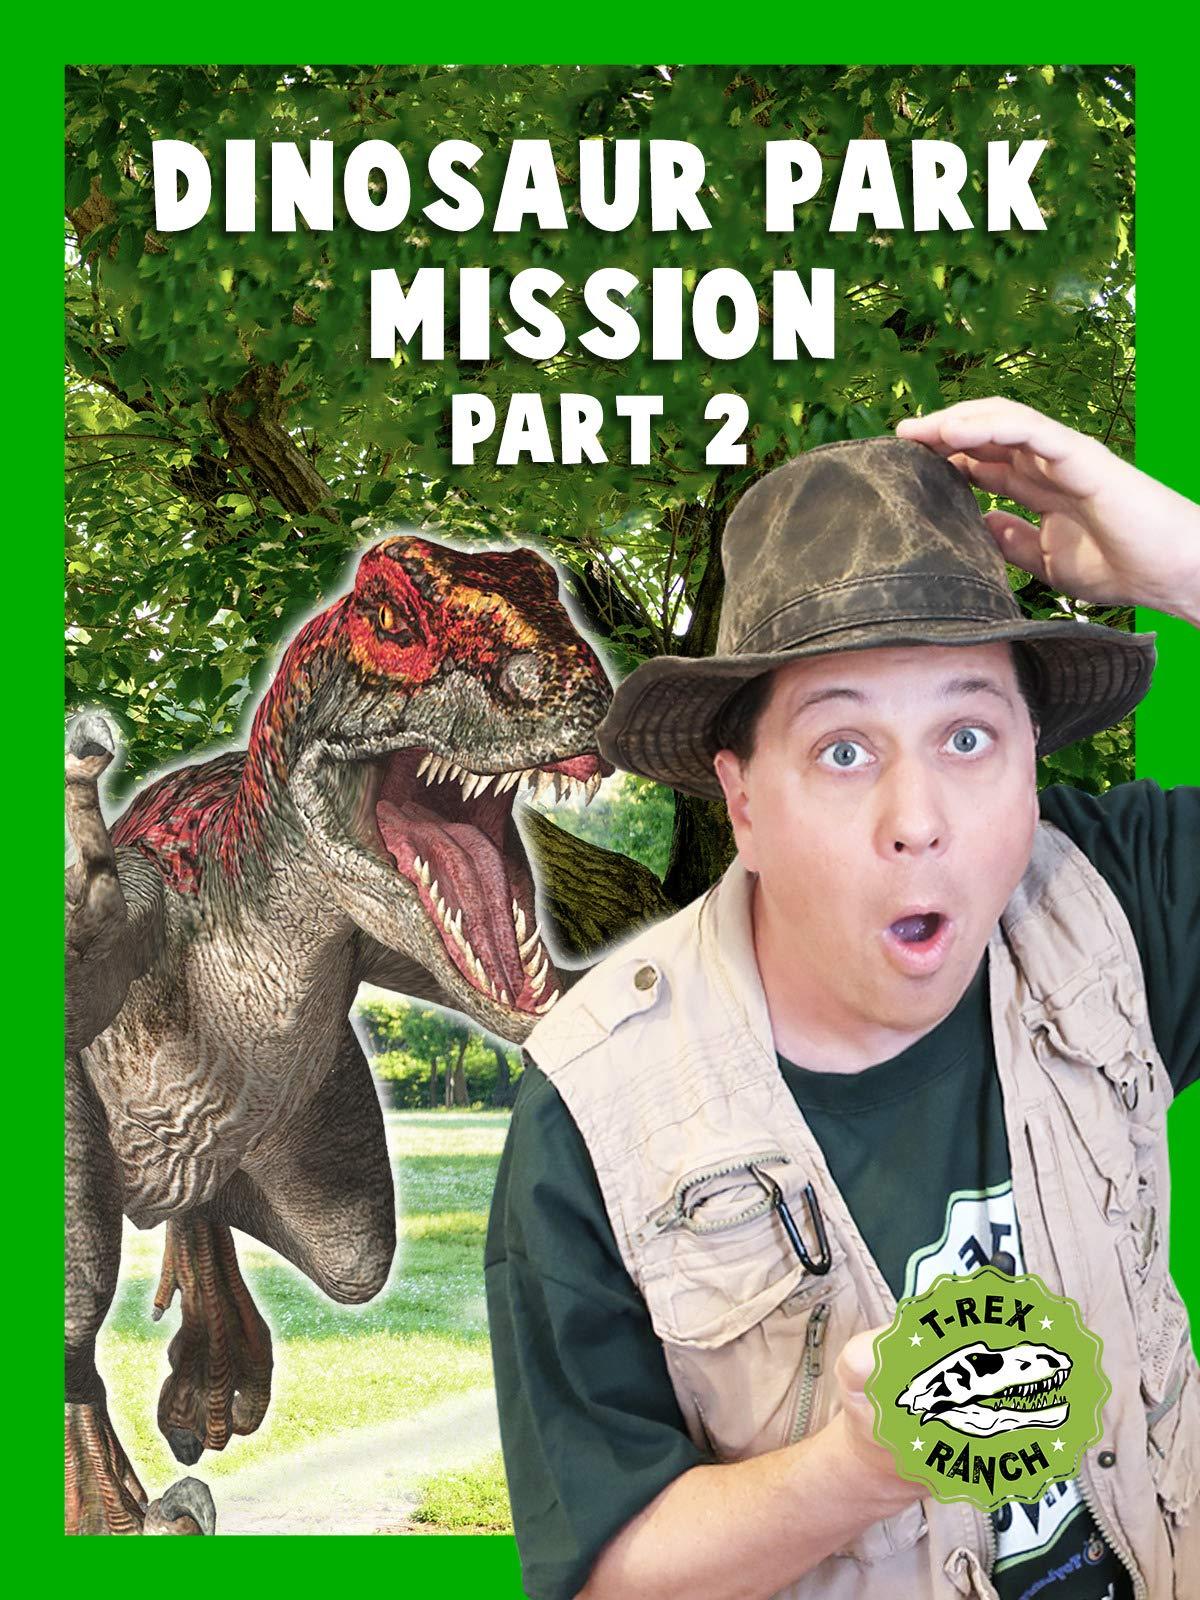 Dinosaur Park Mission Part 2 - T-Rex Ranch